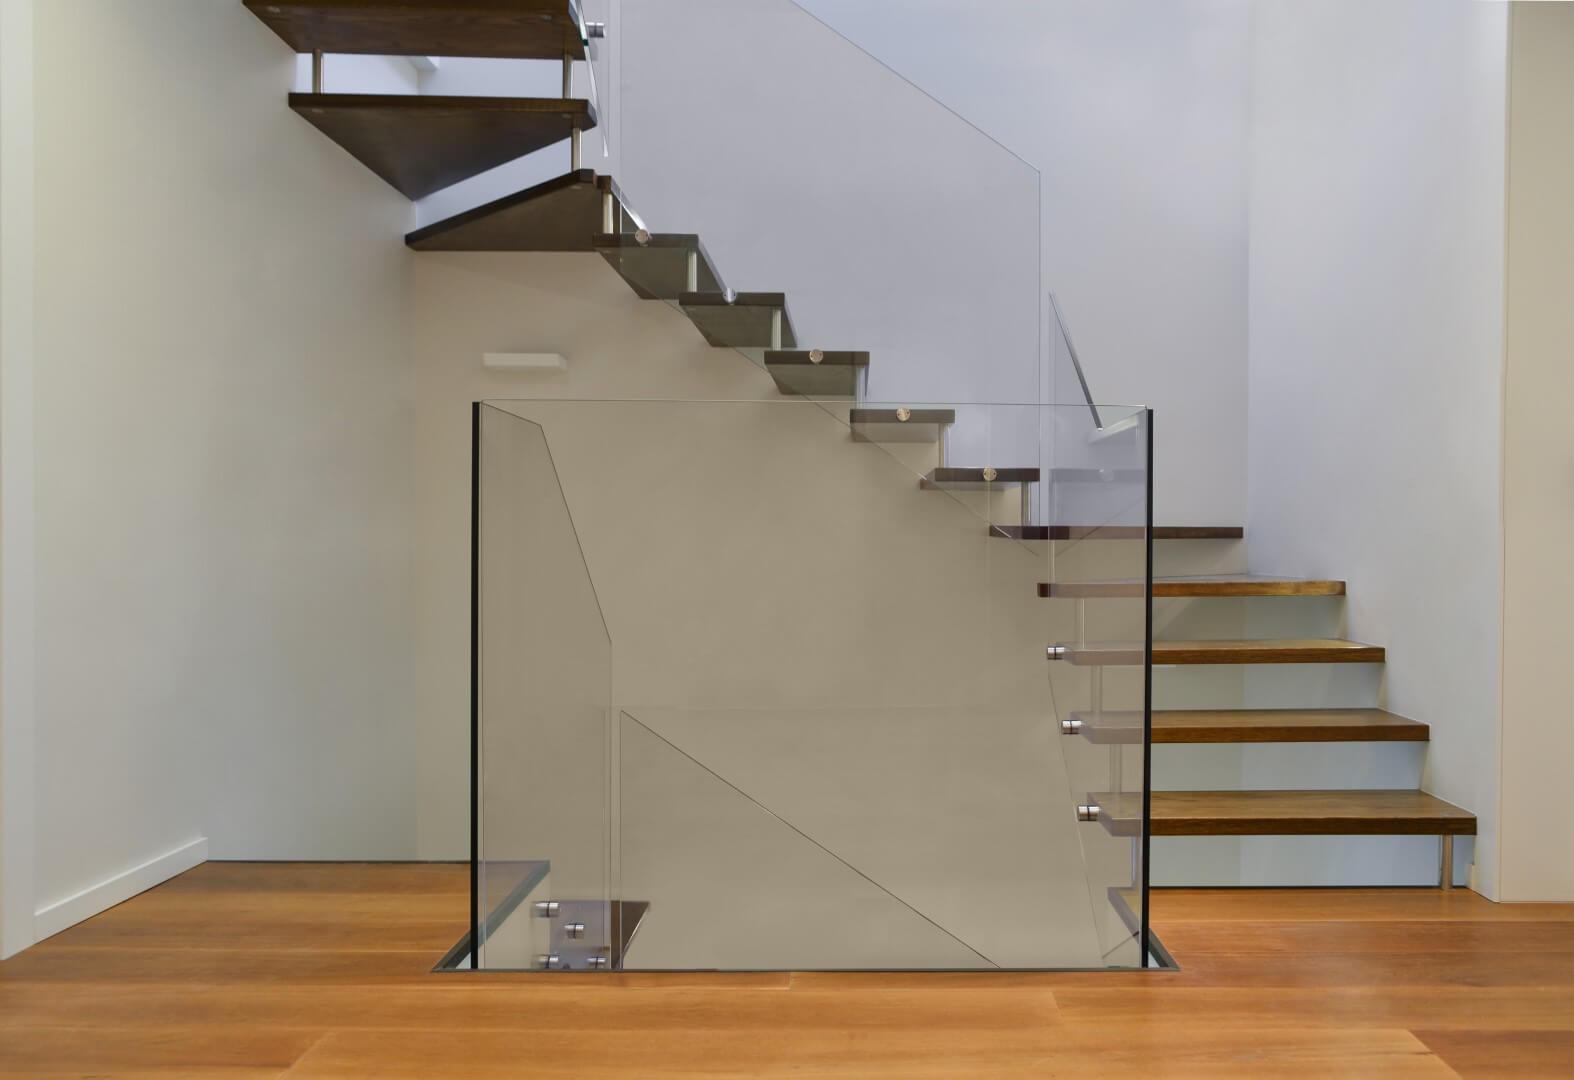 שלושה גרמי מדרגות תלויות מעץ עם מעקה זכוכית